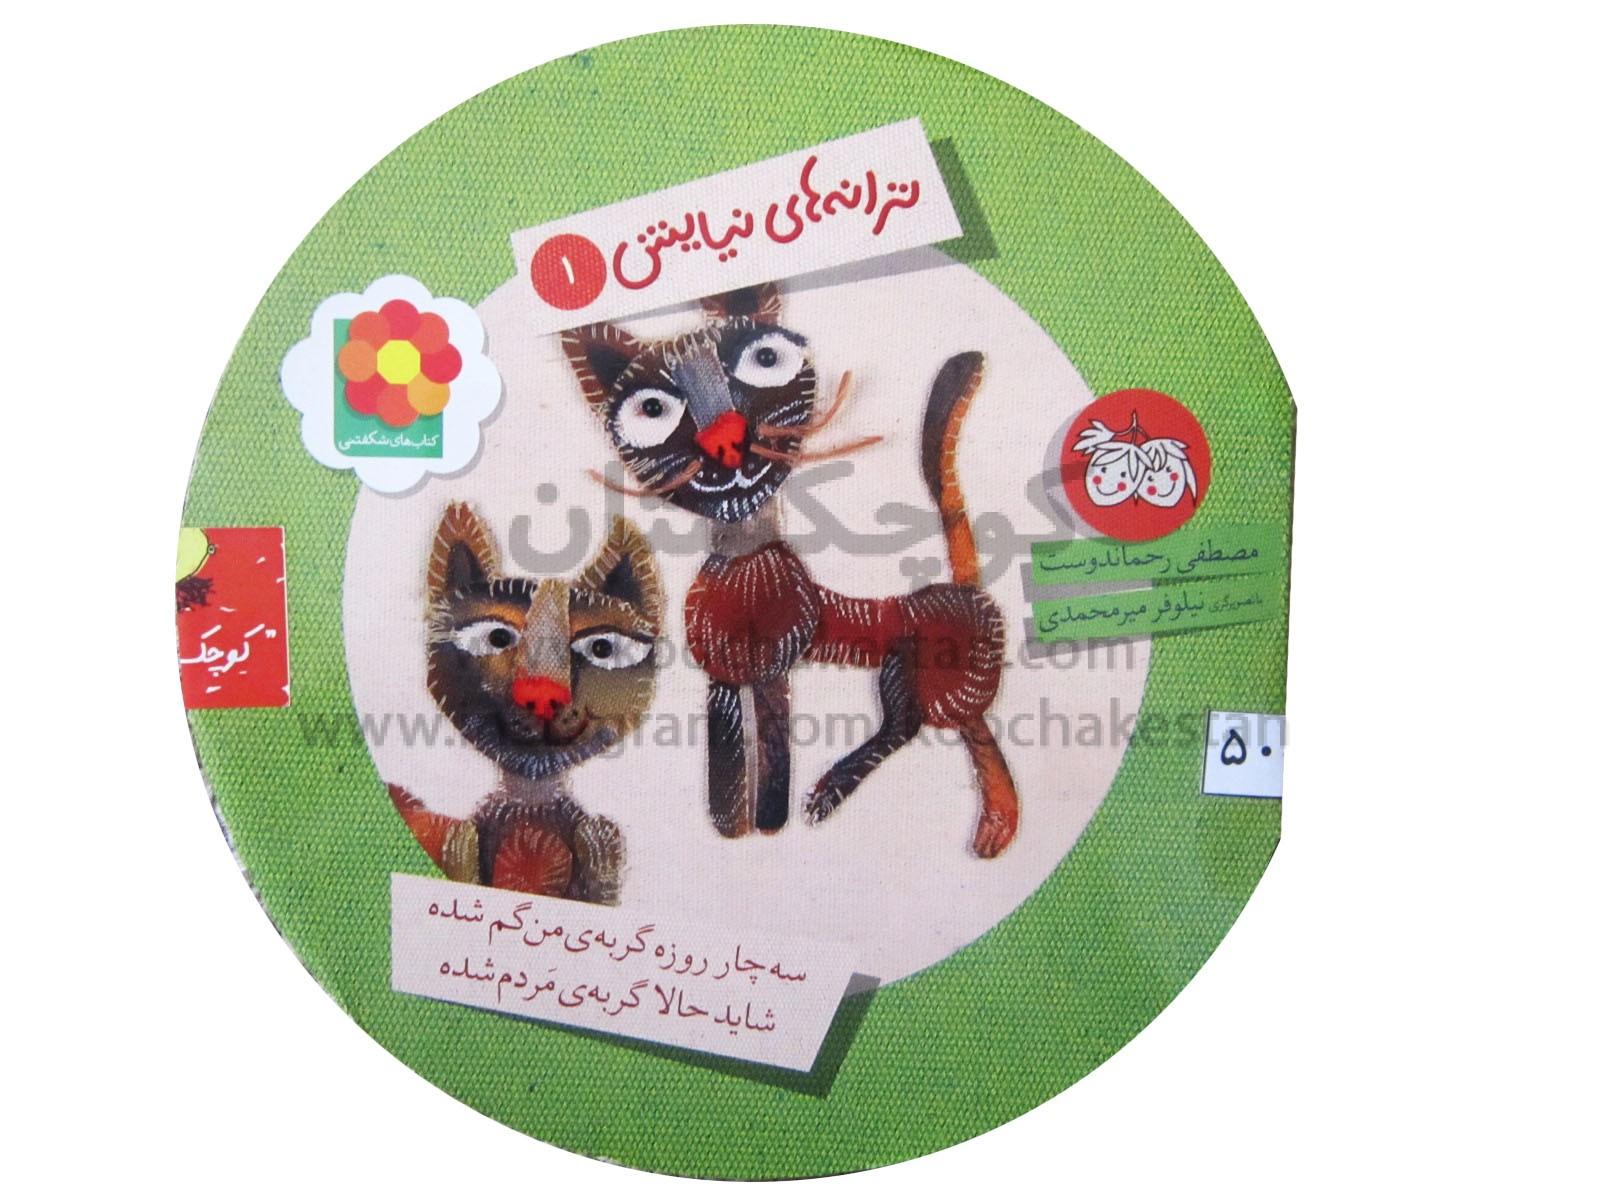 ترانه های نیایش 1 - کتابخانه کودک - کوچکستان